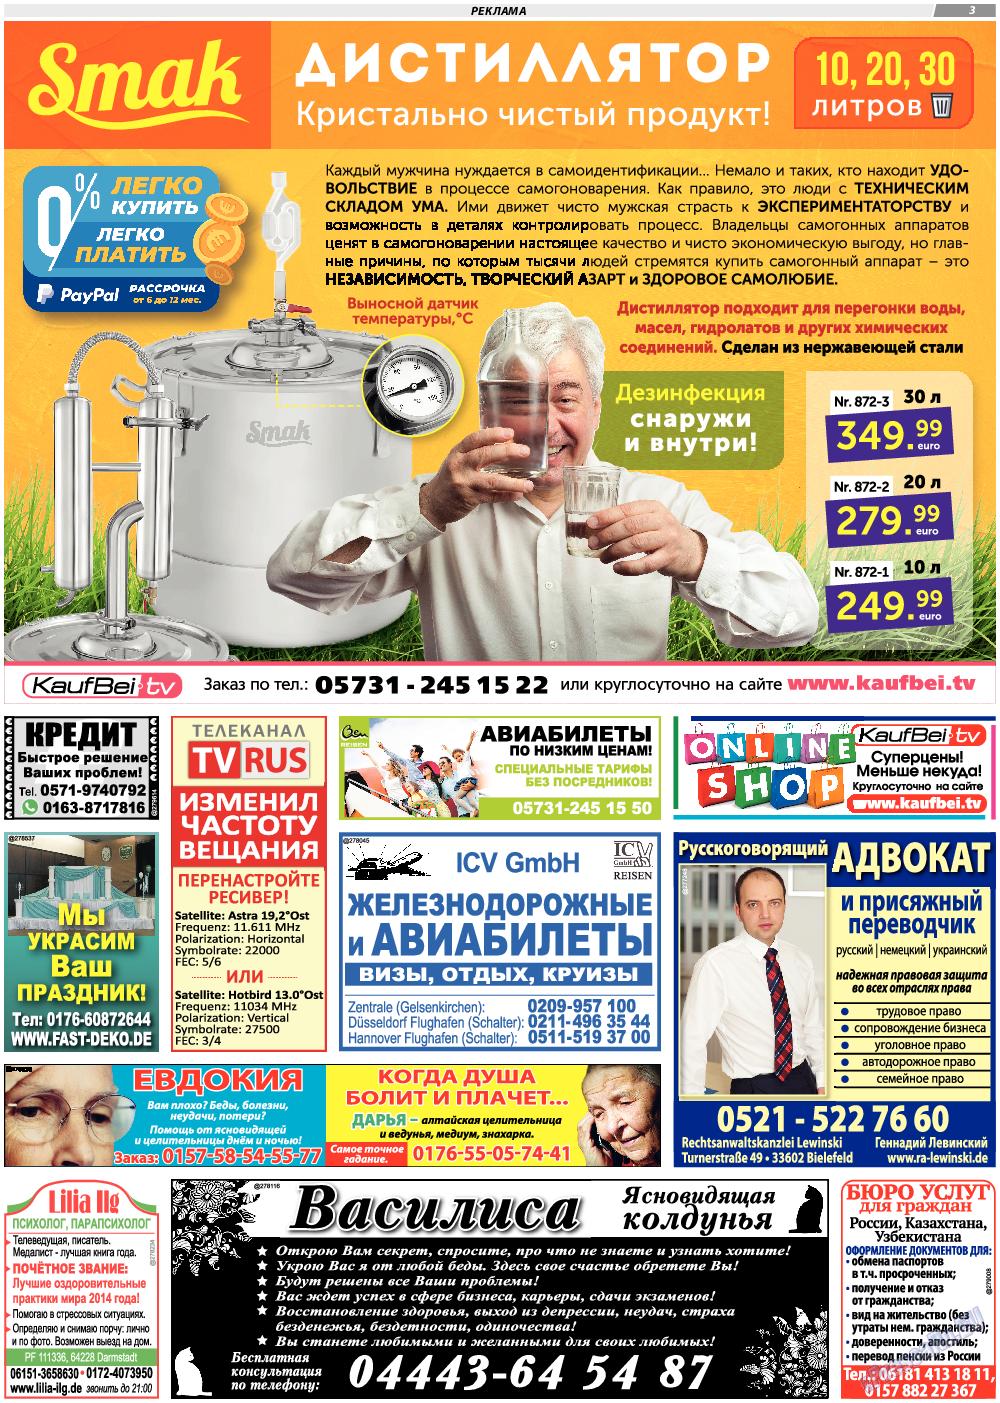 TVrus (газета). 2020 год, номер 18, стр. 3